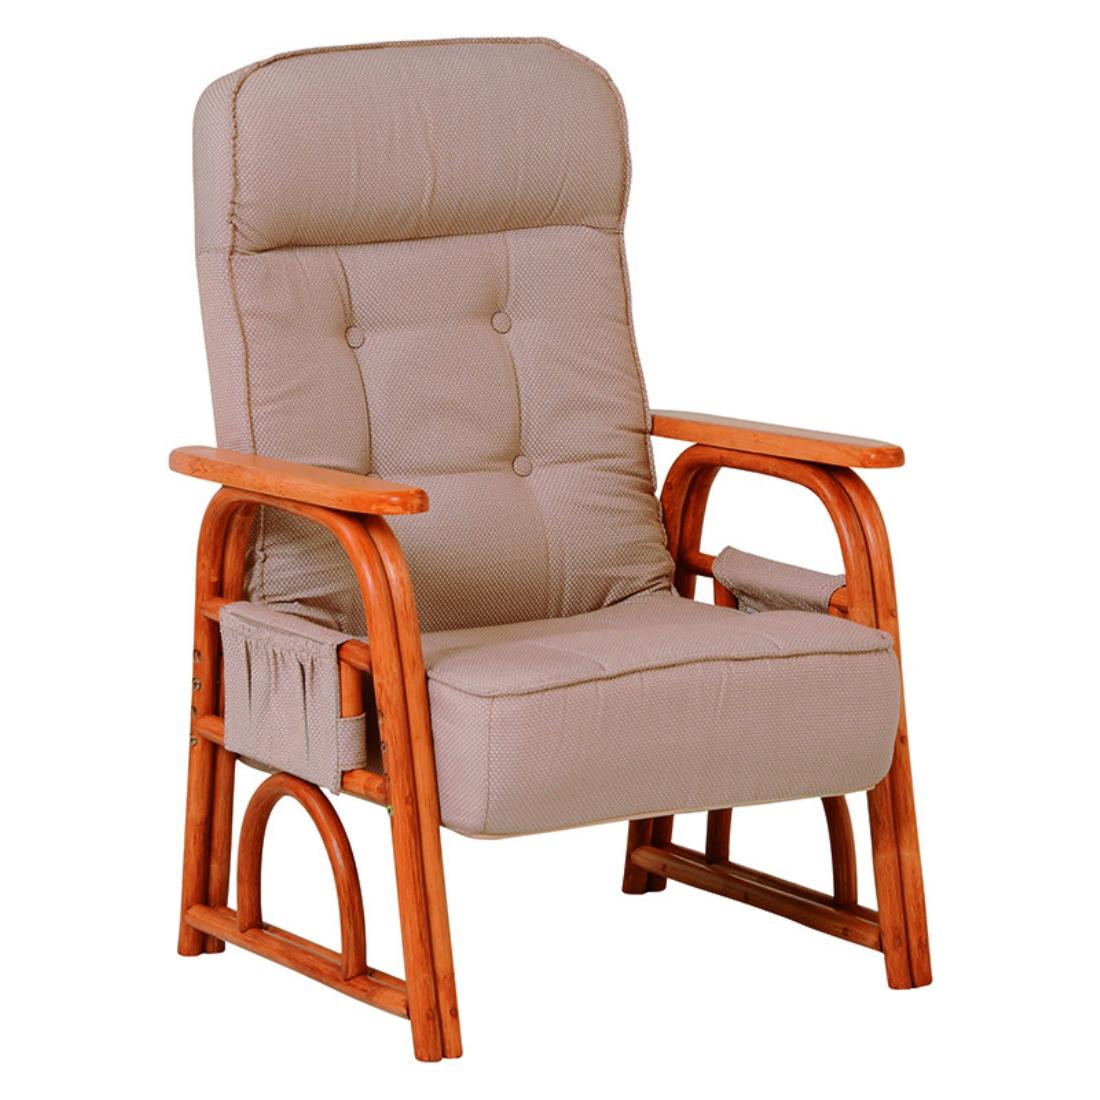 「送料無料」インテリア家具 ギア付き座椅子 ソファ 一人掛け 椅子 チェア チェアー